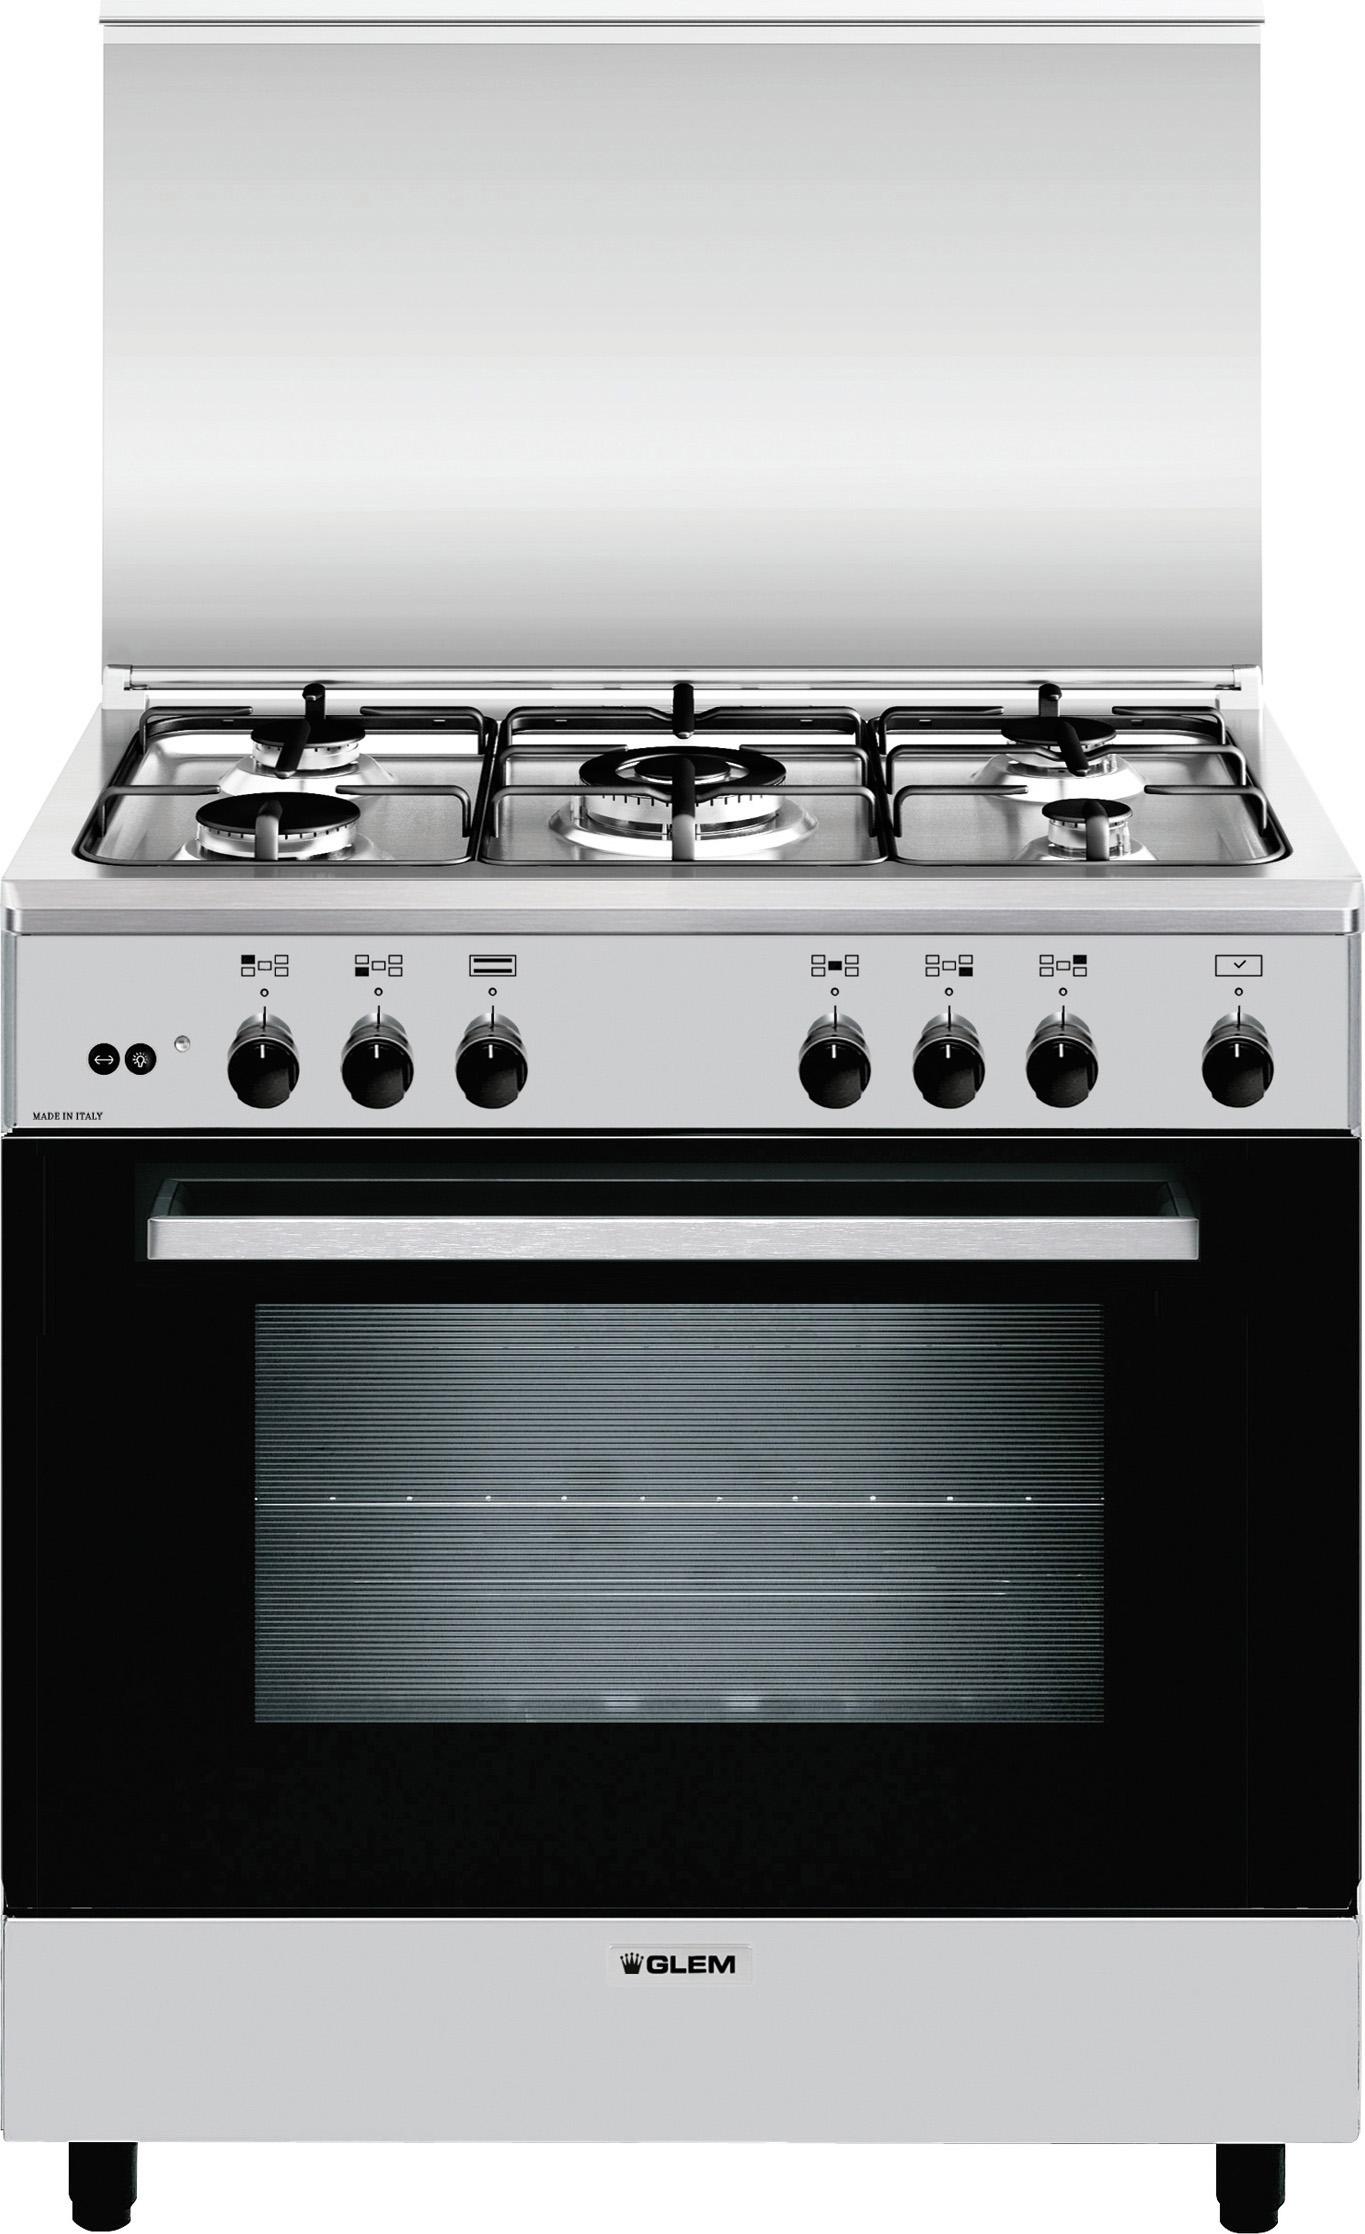 Cucine a gas ed elettriche prezzi e offerte prezzoforte pagina 2 - Offerte cucine a gas expert ...